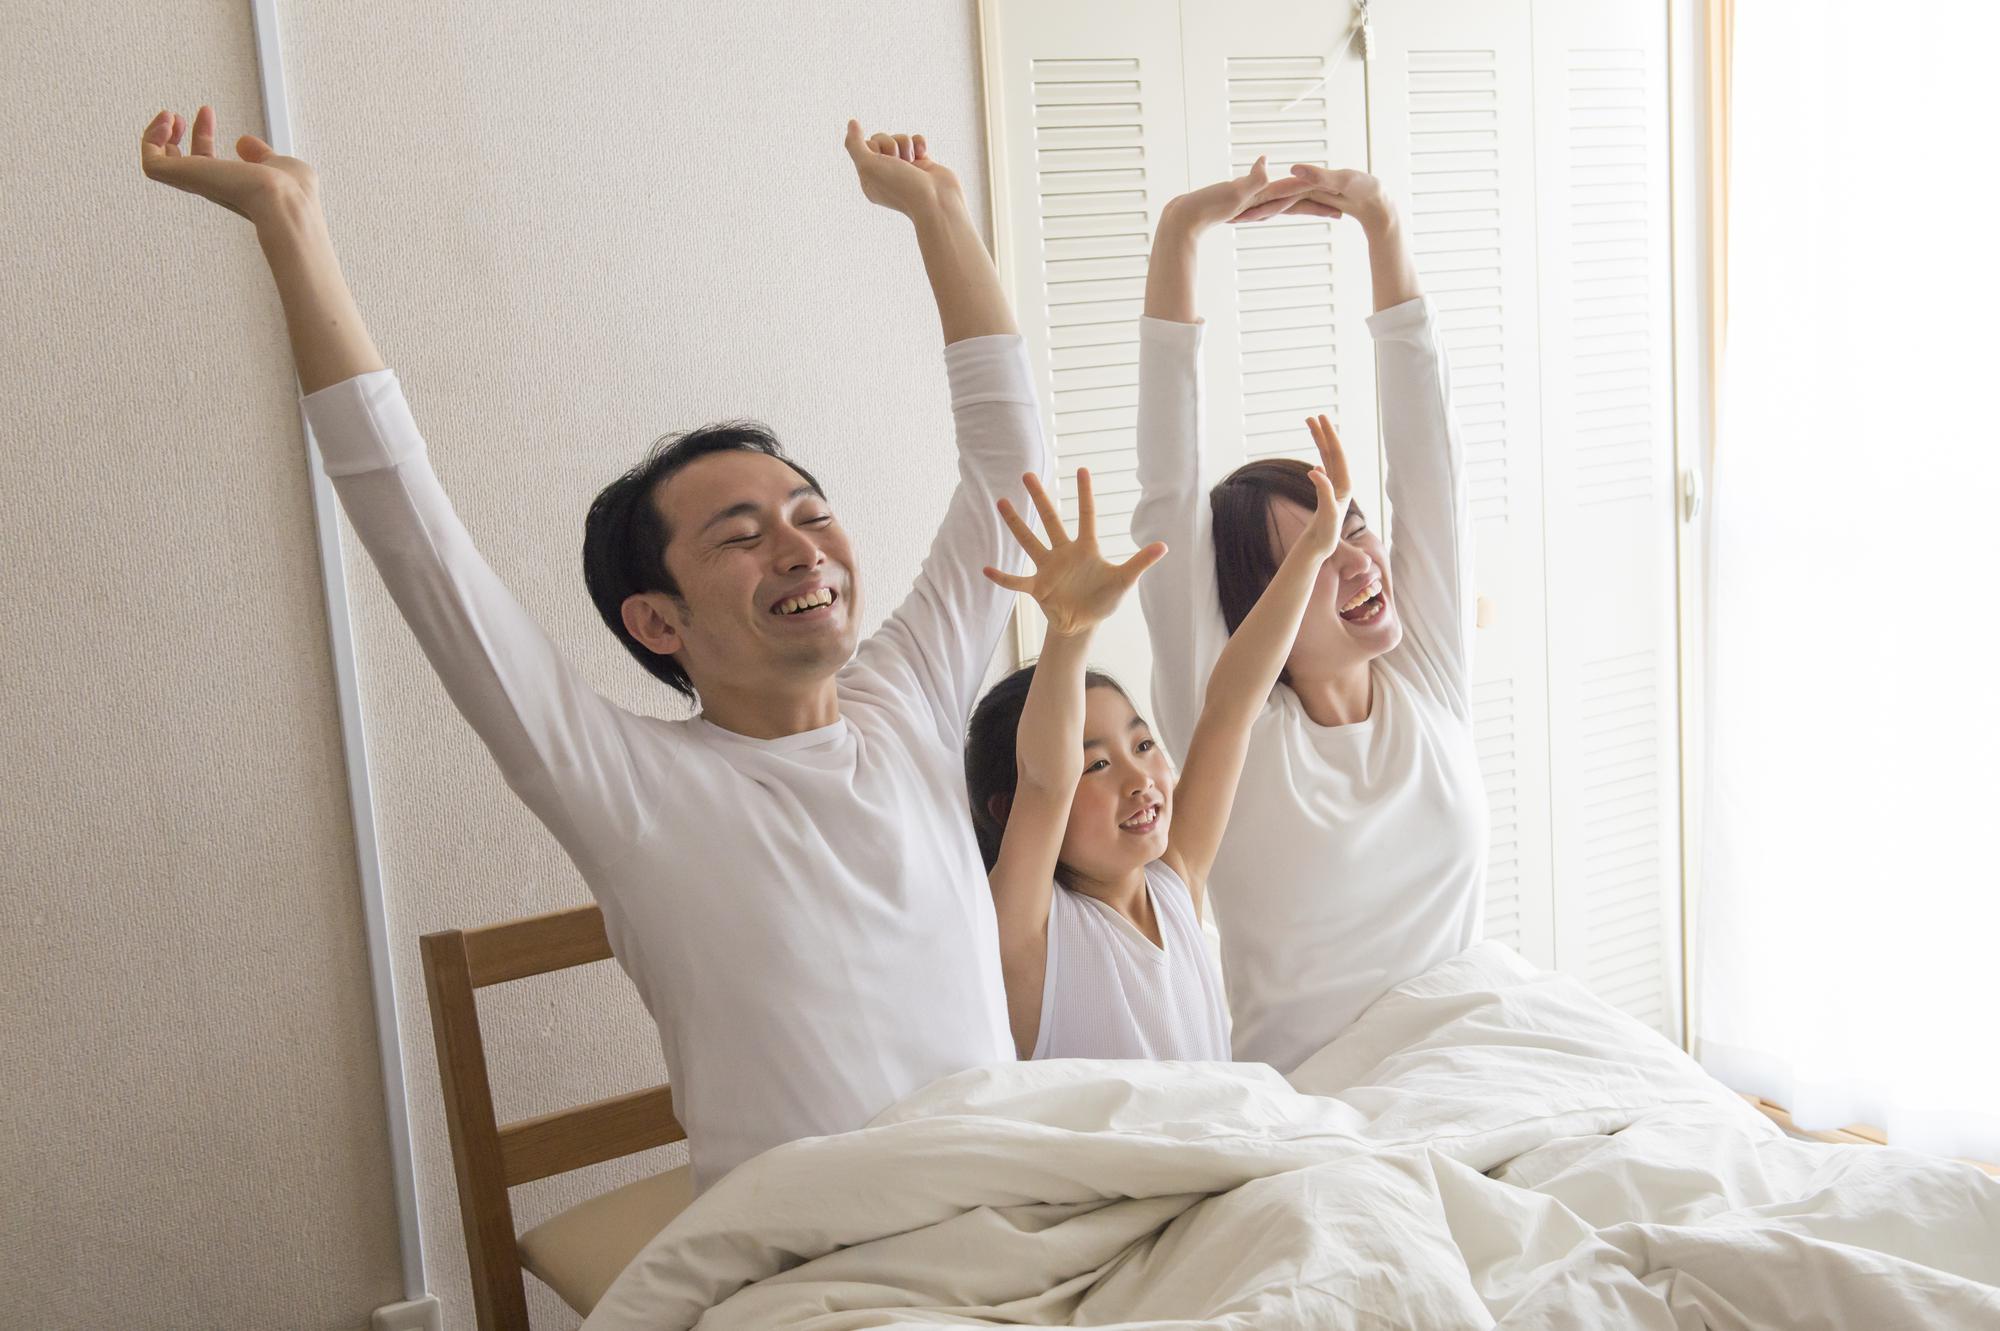 規則正しい生活で快適な目覚めの家族